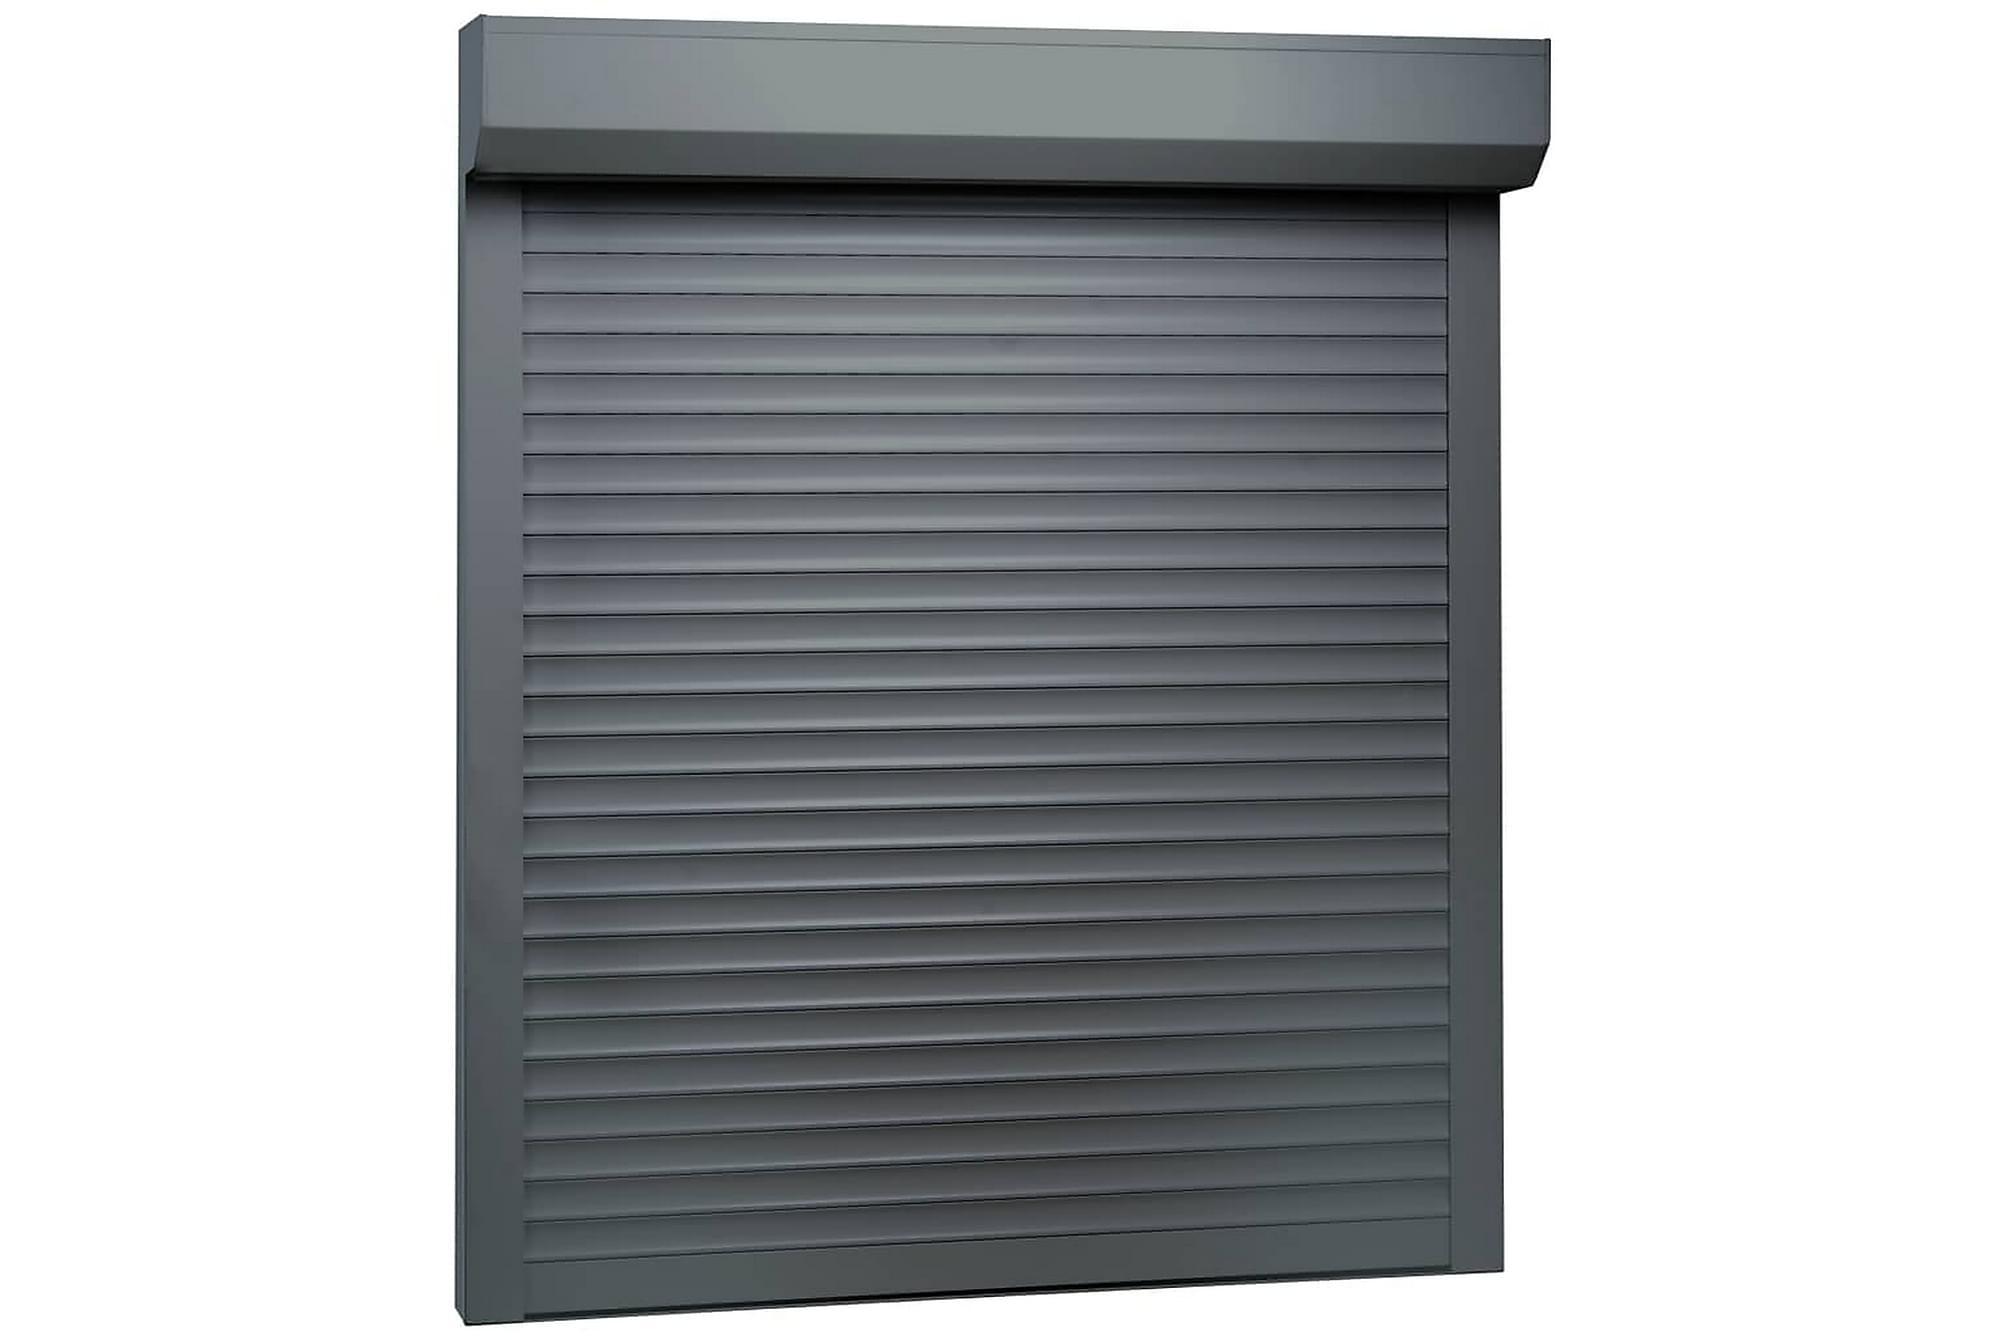 Rulljalusi aluminium 100×120 cm antracit